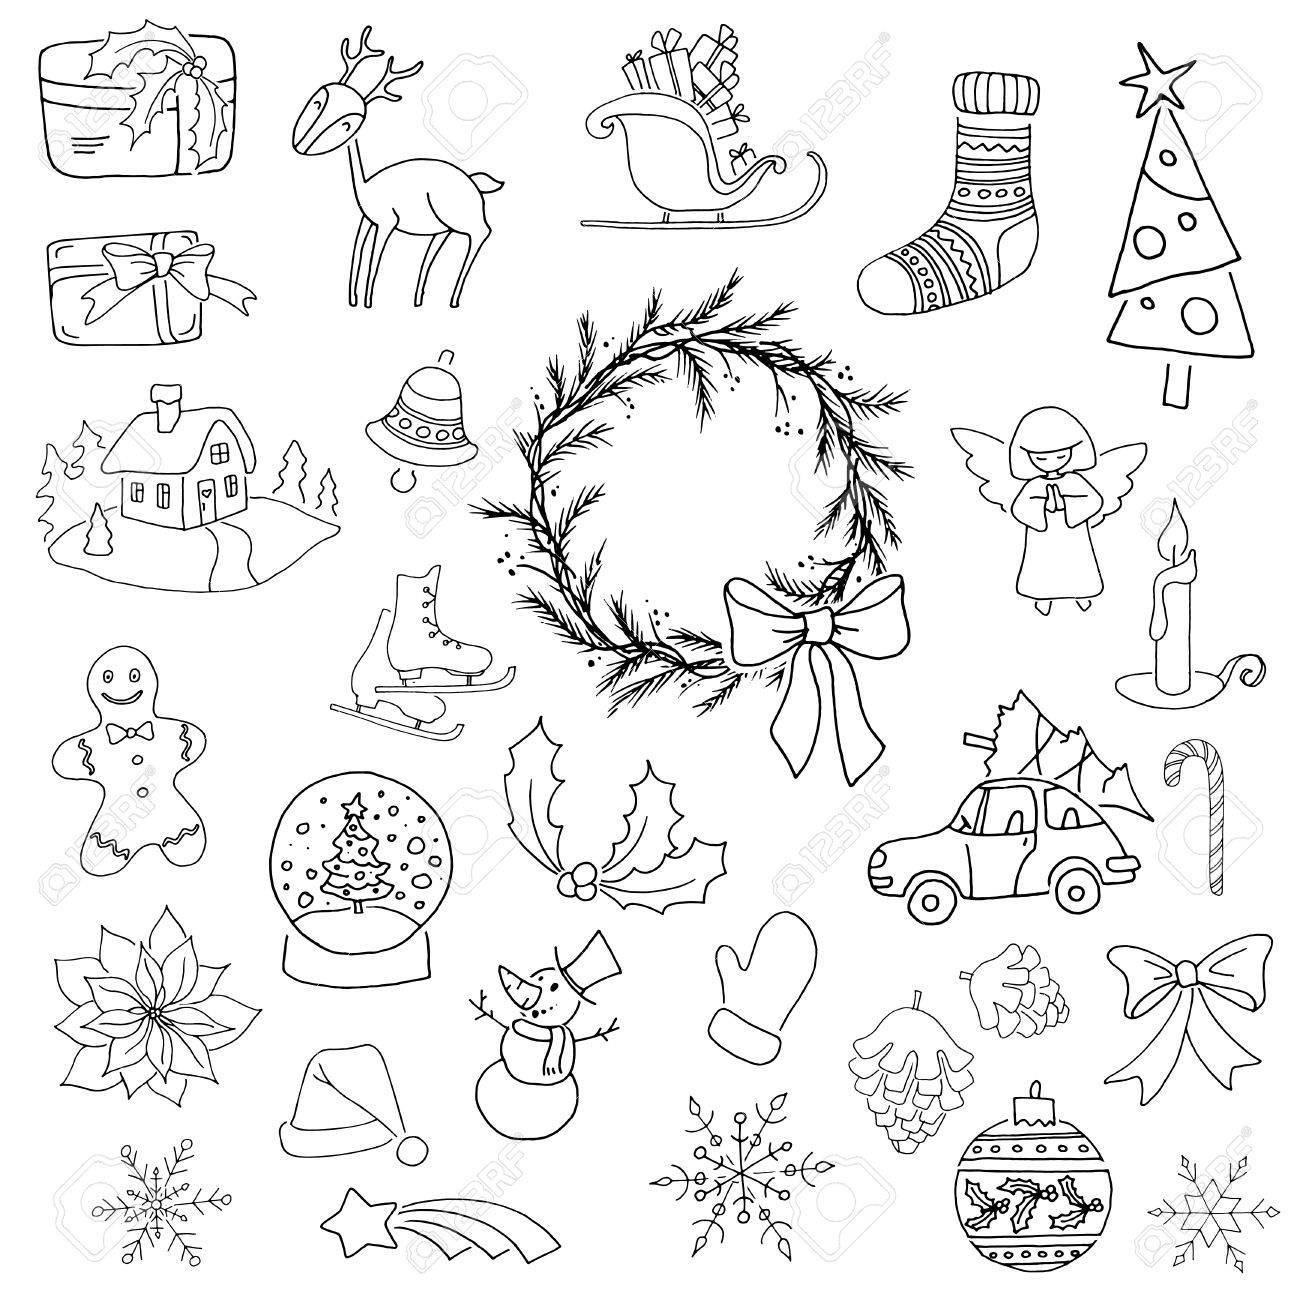 Elementos De Navidad Blanco Y Negro Con Caja De Regalo árbol De Navidad Ciervos Muñeco De Nieve Galleta De Jengibre Vela Campana Flor De Nochebuena Trineo Corona Y Otros 25 Elementos Se